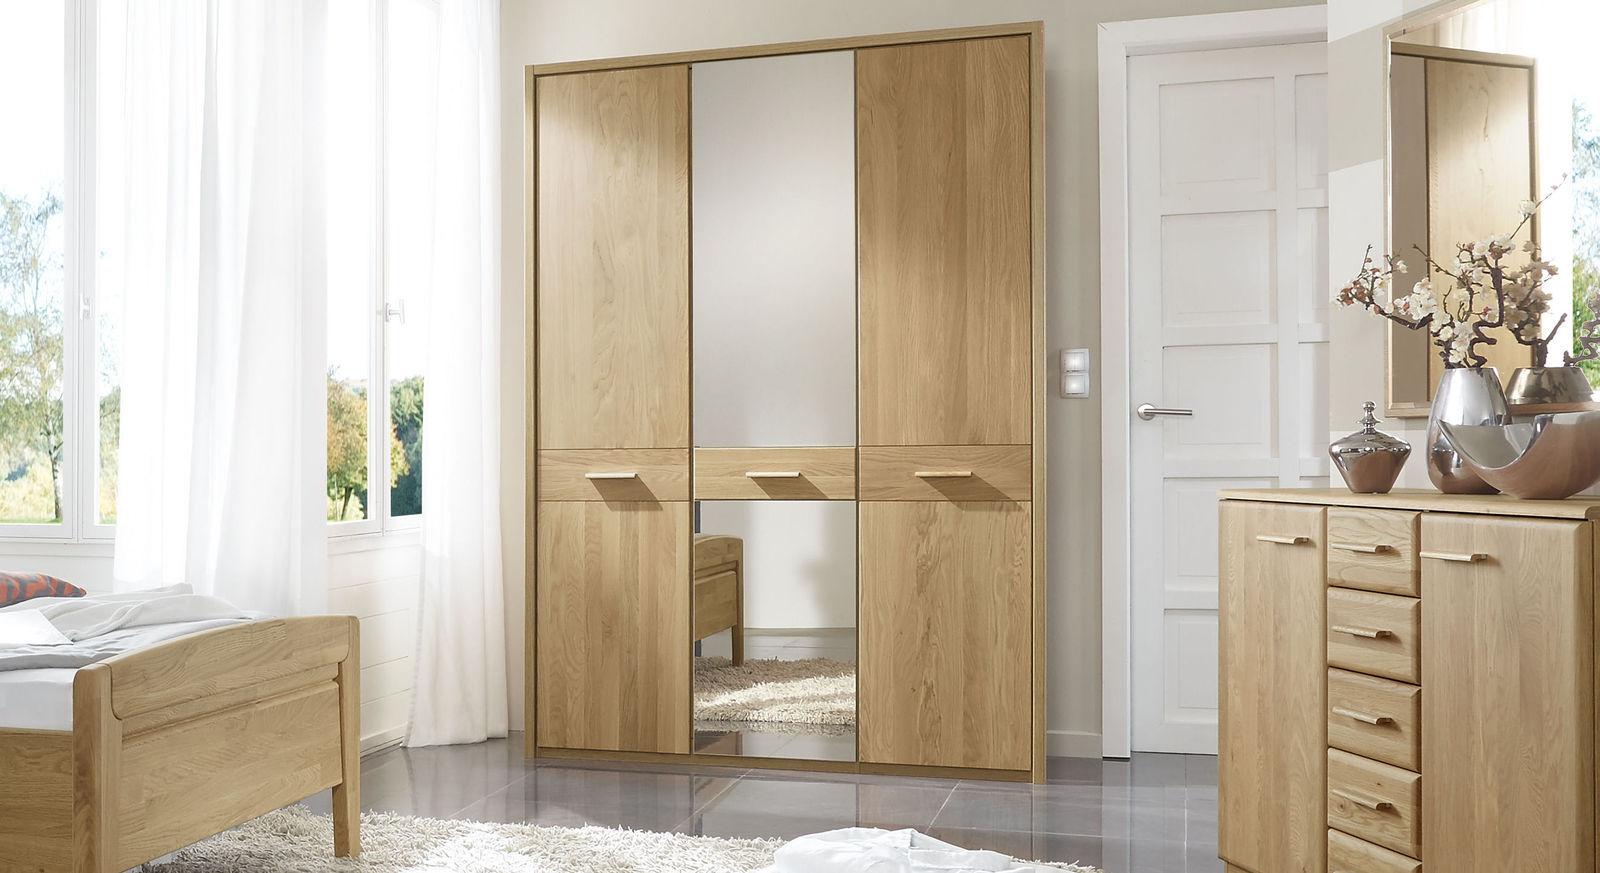 Drehtüren-Kleiderschrank Agaro aus Eiche mit Spiegel